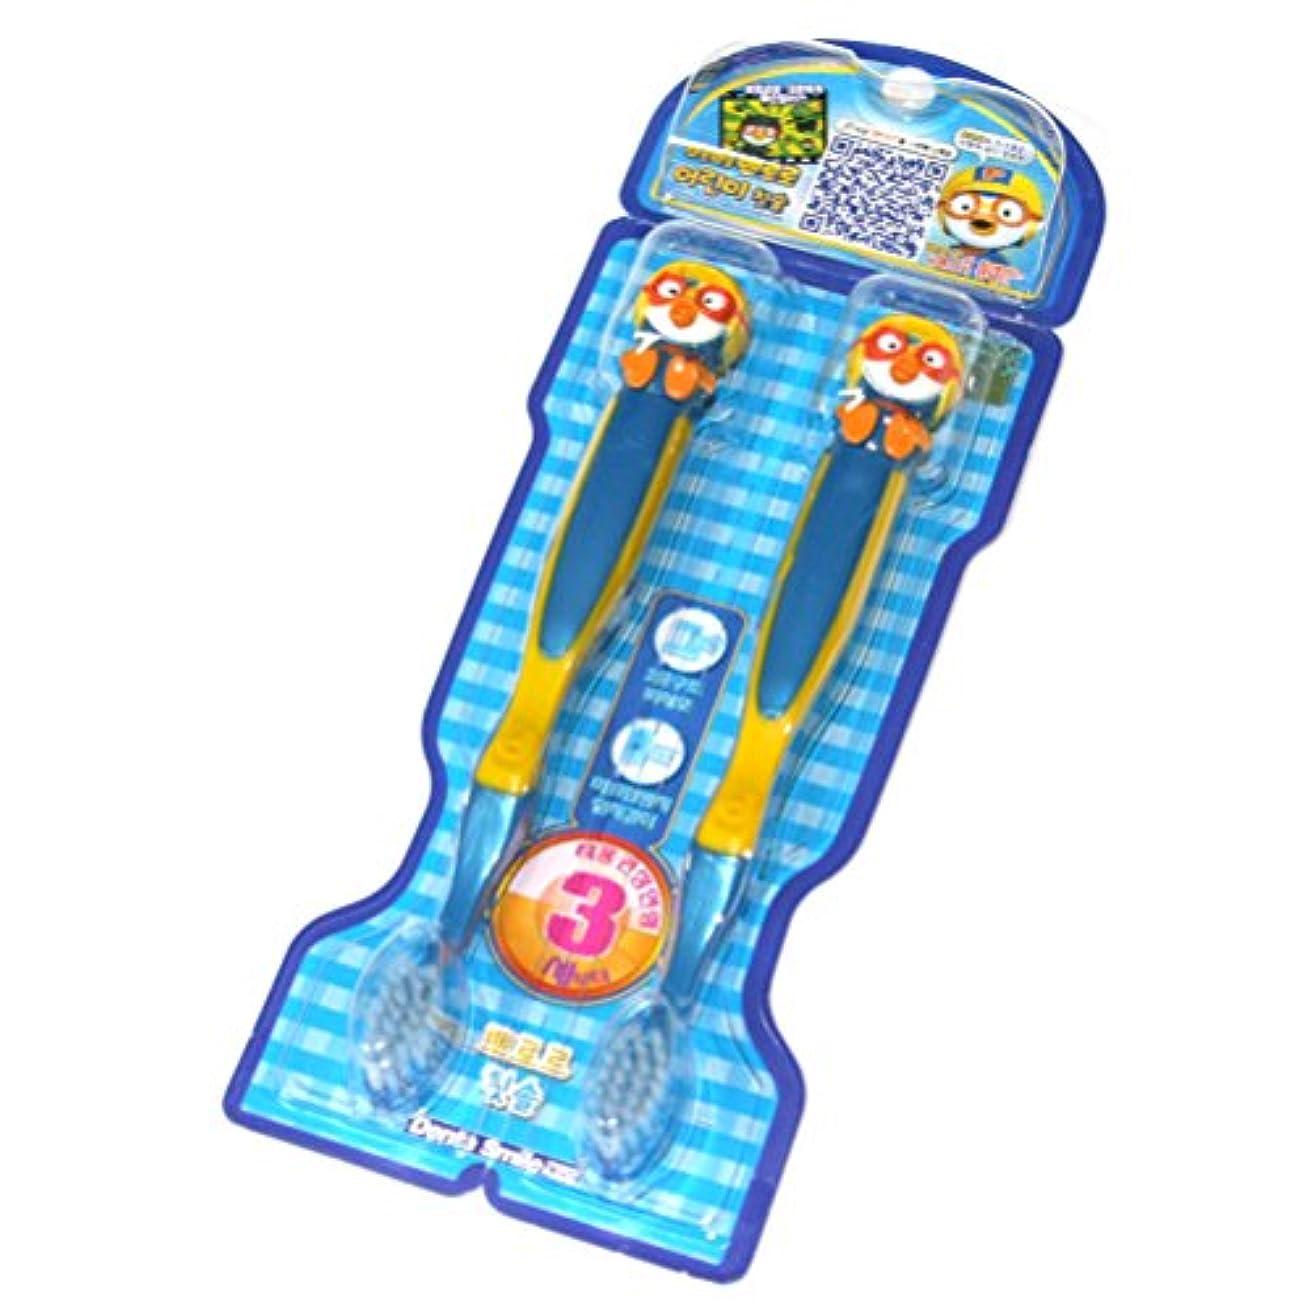 敵意滝構成するPORORO Toothbrush For Kids 2ea set (PORORO) ポロロ 子供用 歯ブラシ2ea set (ポロロ ) [並行輸入品]